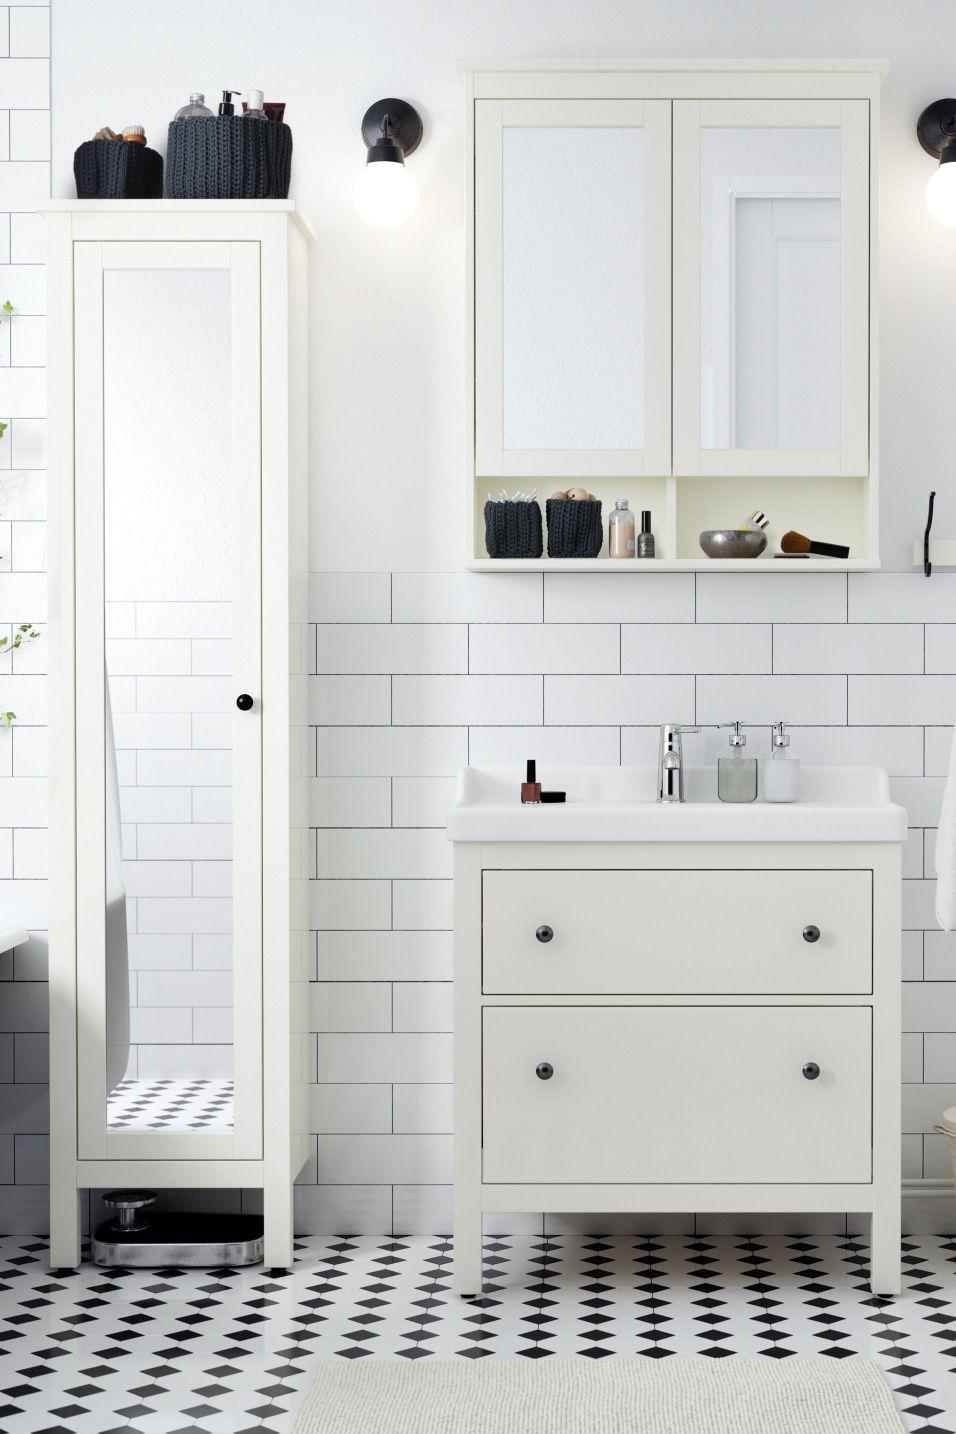 l amour au sens propre la promo salles de bains est en cours jusqu au 5 mars obtenez 15 de. Black Bedroom Furniture Sets. Home Design Ideas